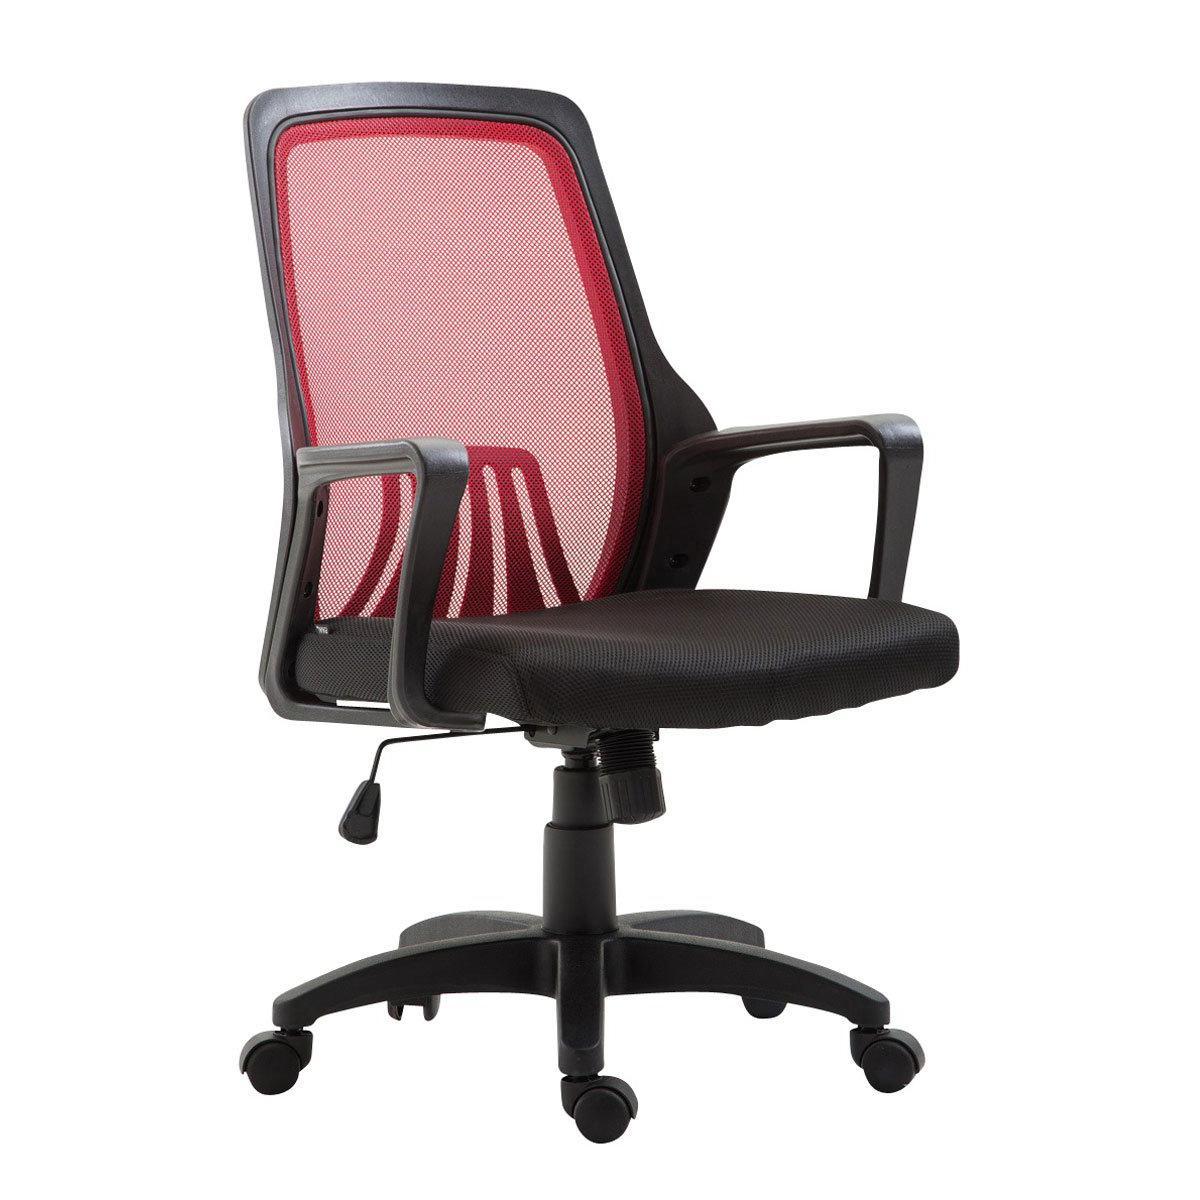 Decoshop26 Chaise de bureau ergonomique réglable pivotant rouge/noir BUR10407